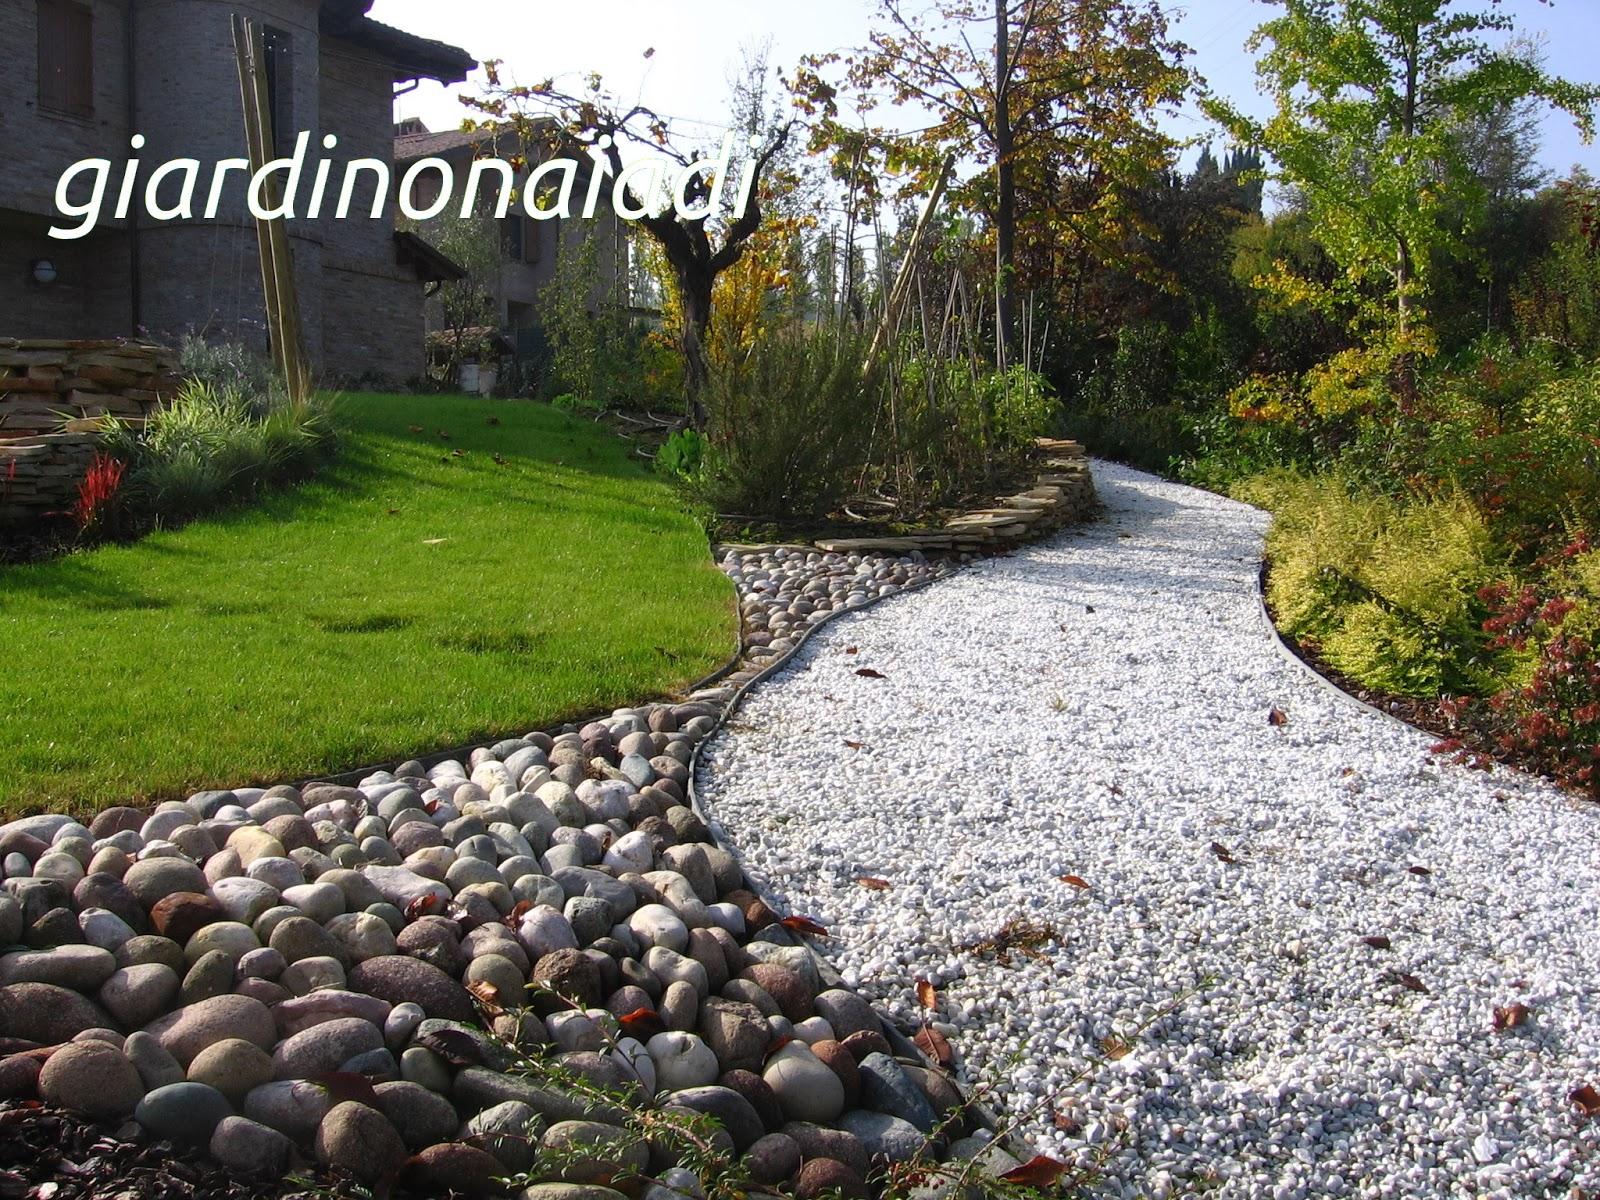 Il giardino delle naiadi due passi in giardino seconda parte for Pietre per giardino zen